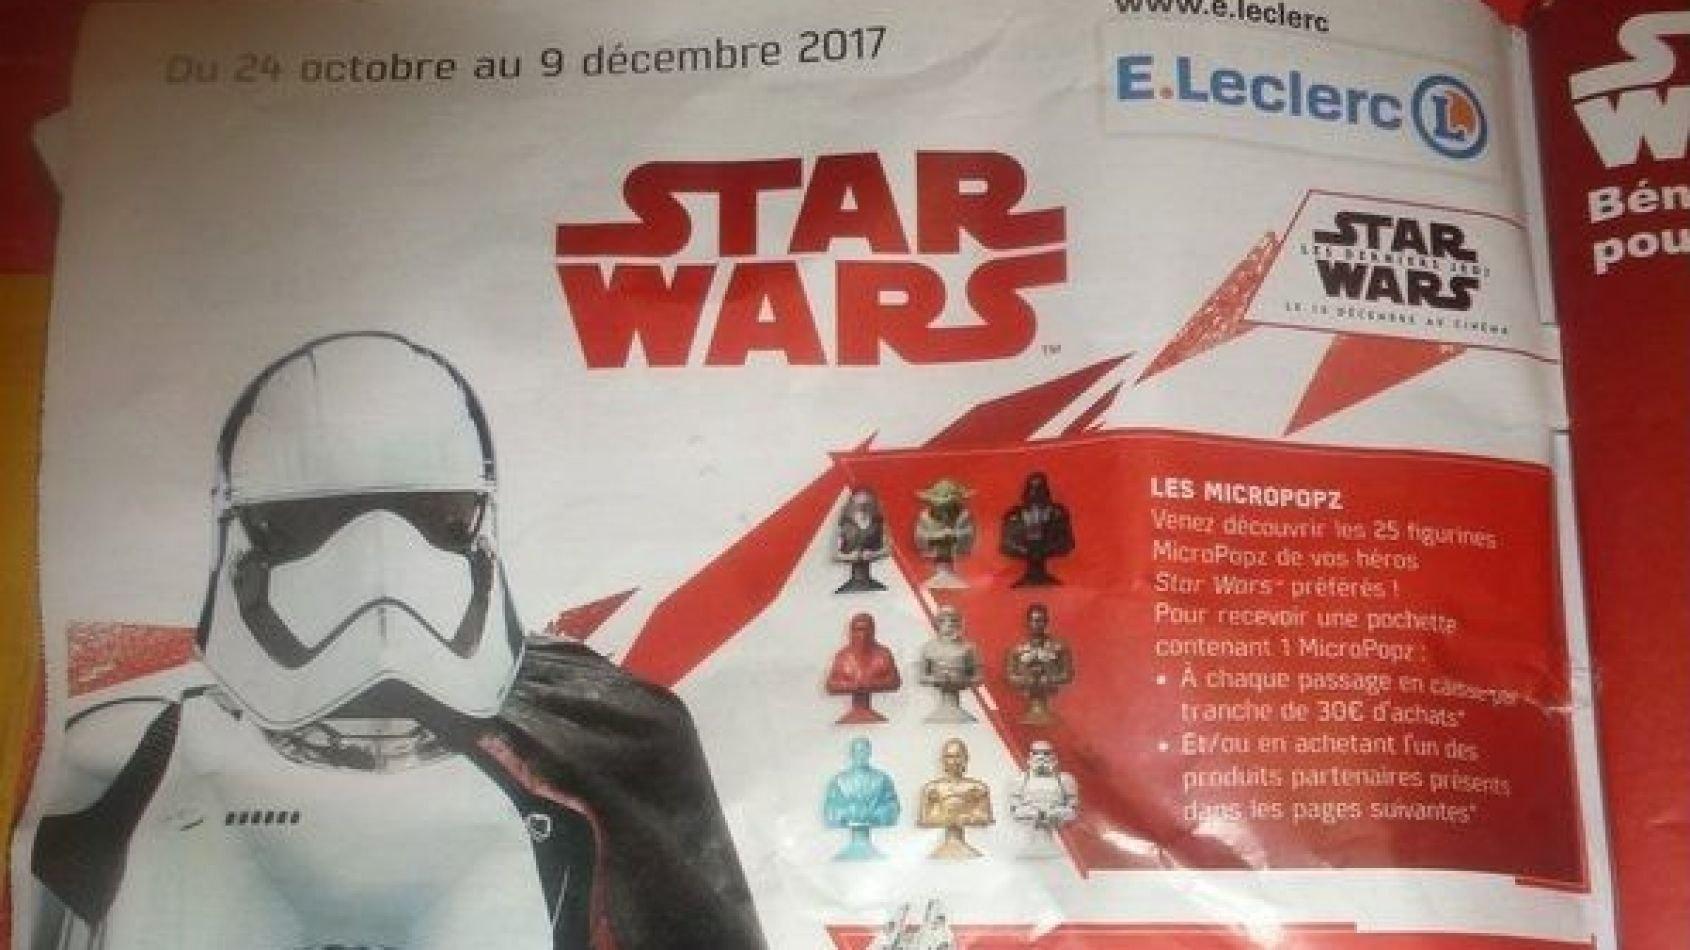 Les enseignes E. Leclerc lancent une nouvelle opération Star Wars